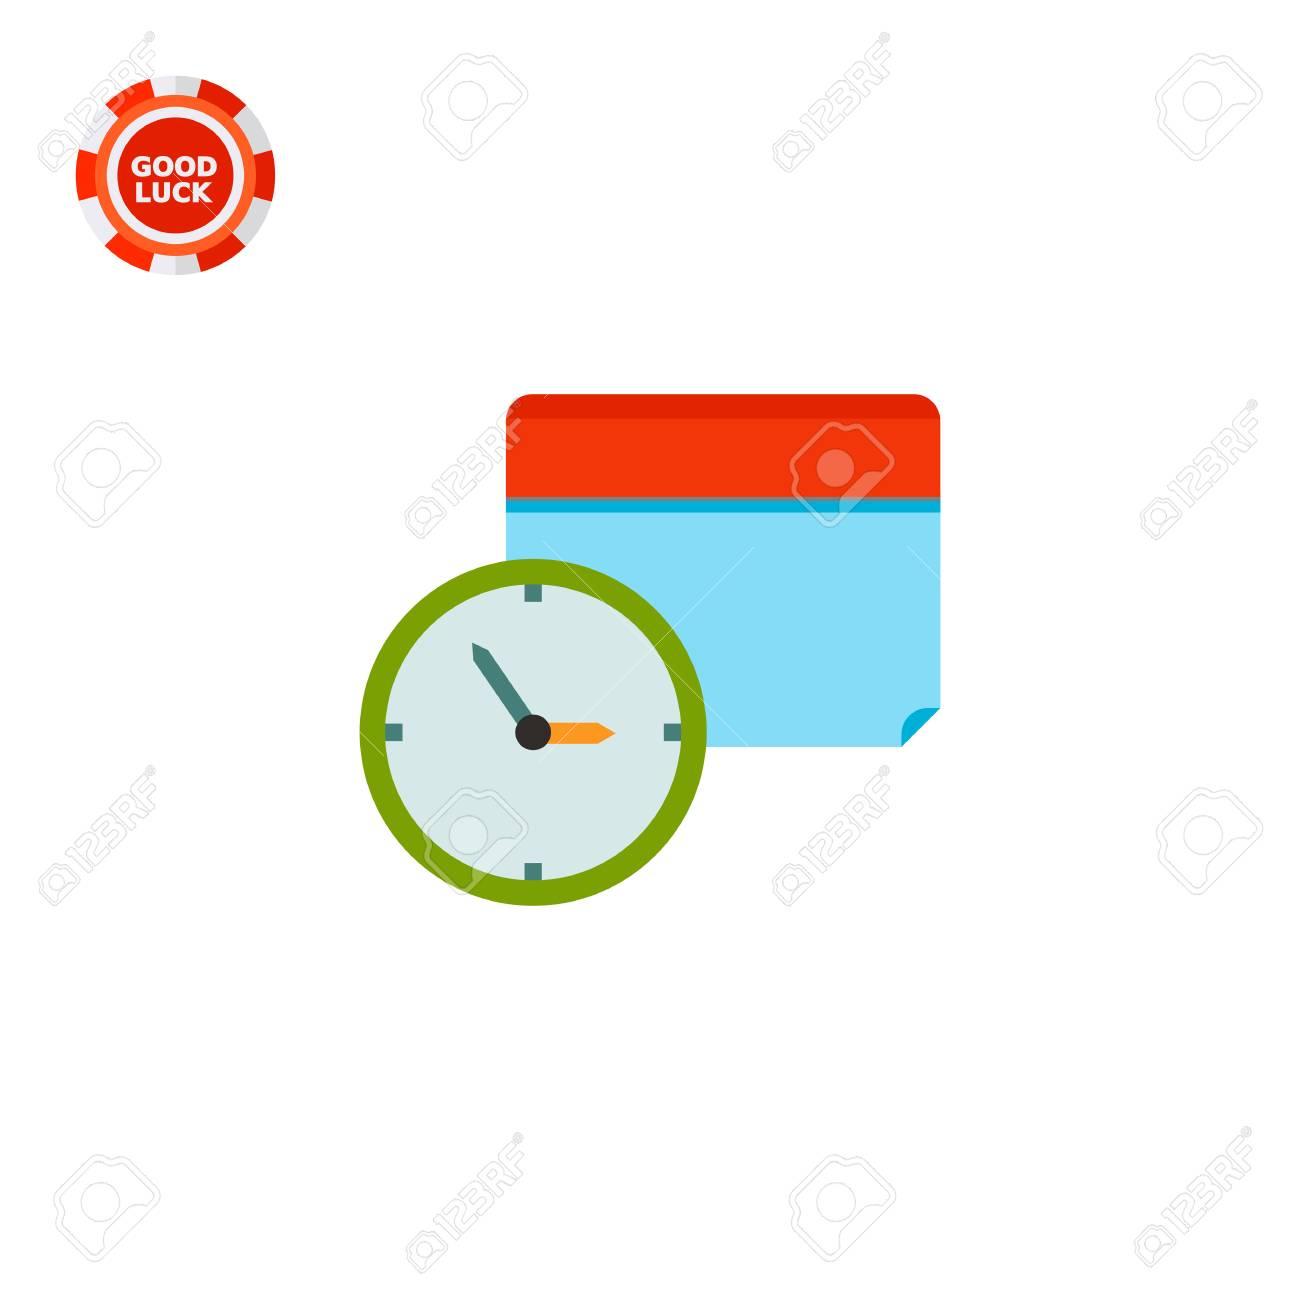 Clock And Calendar In Background. Schedule Event Date. Calendar..